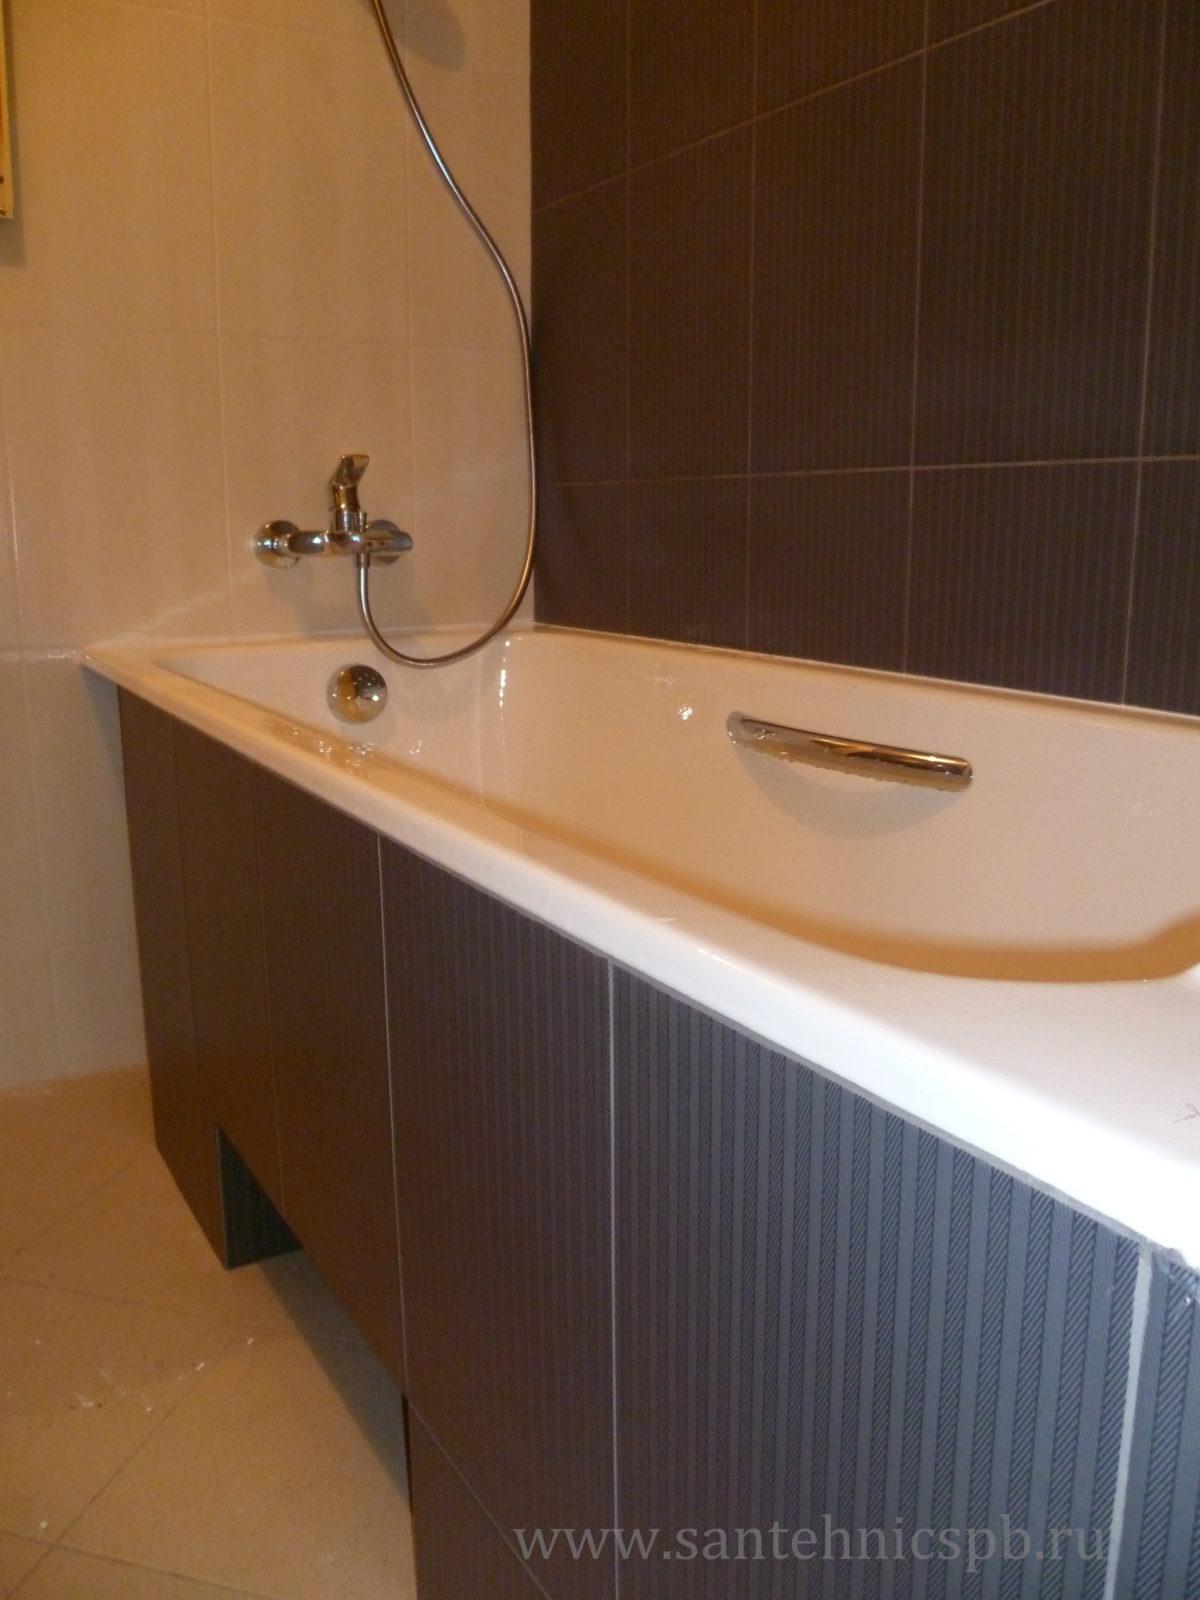 Сантехника, спб keope мебель для ванн сантехника